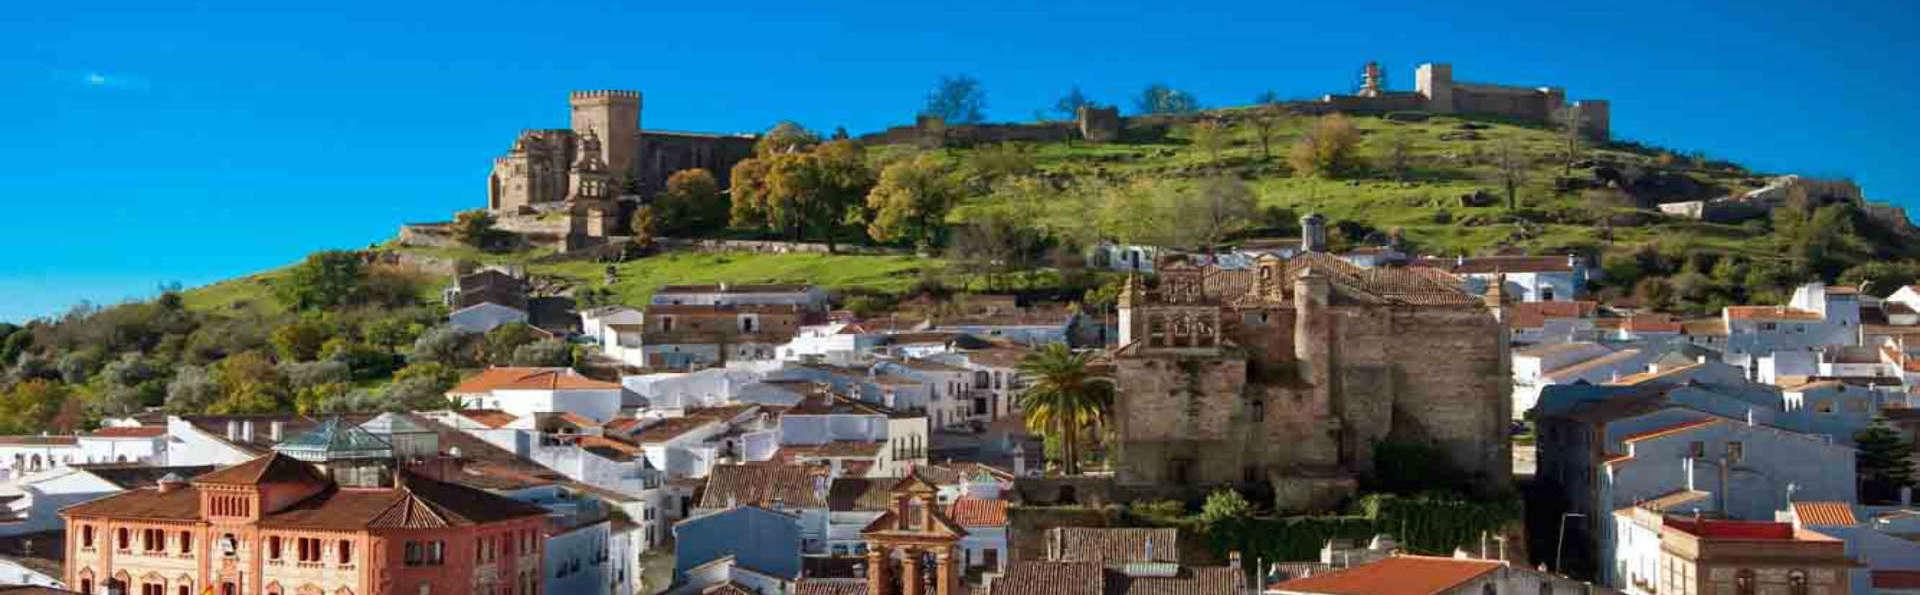 Hotel La Era de Aracena - Edit_destination.jpg